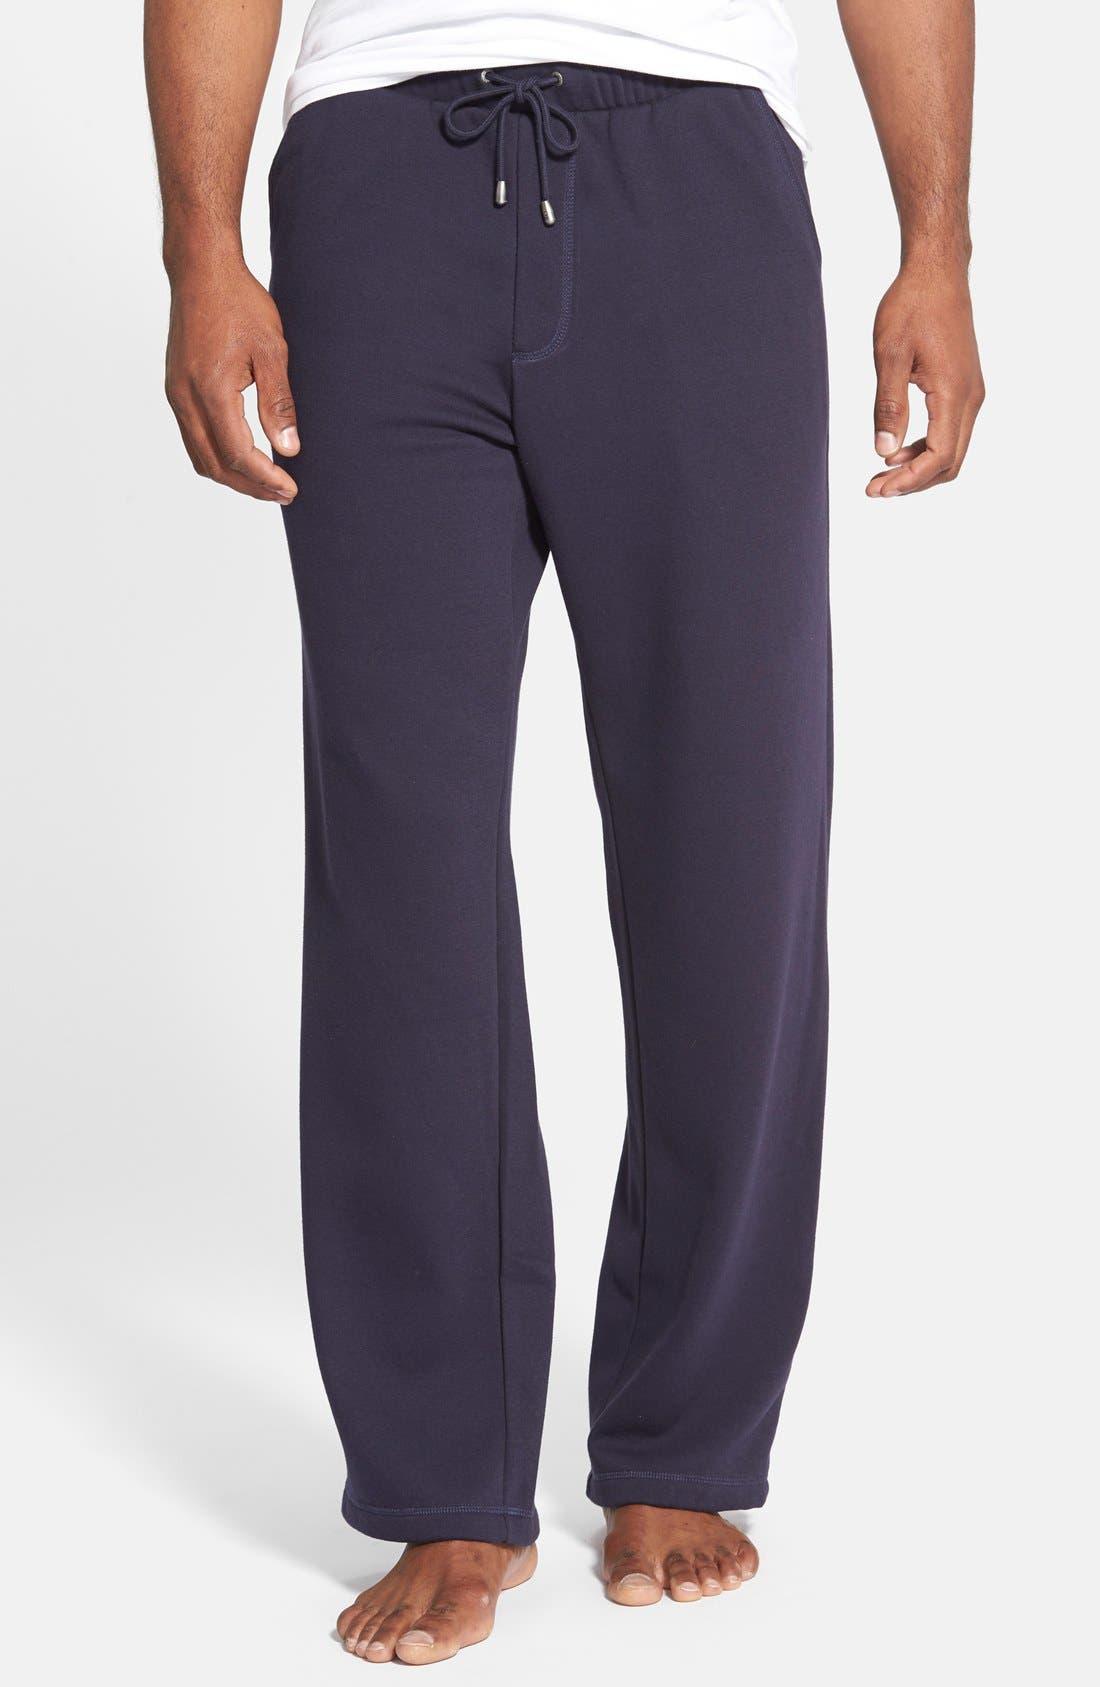 UGG® Australia 'Keaughn' Sweatpants